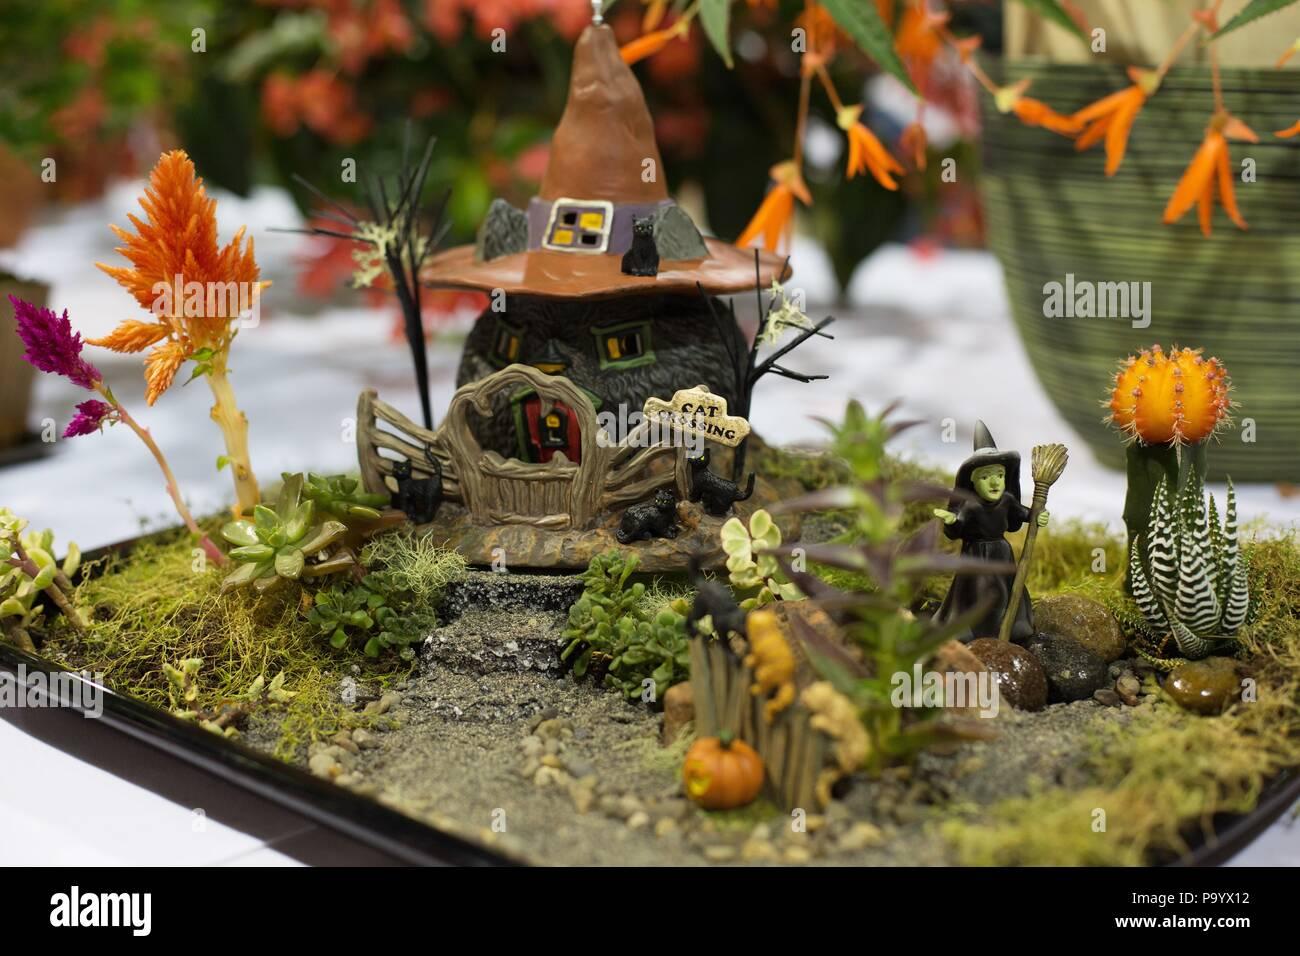 A halloween themed fairy garden, on display at the Lane County Fair ...